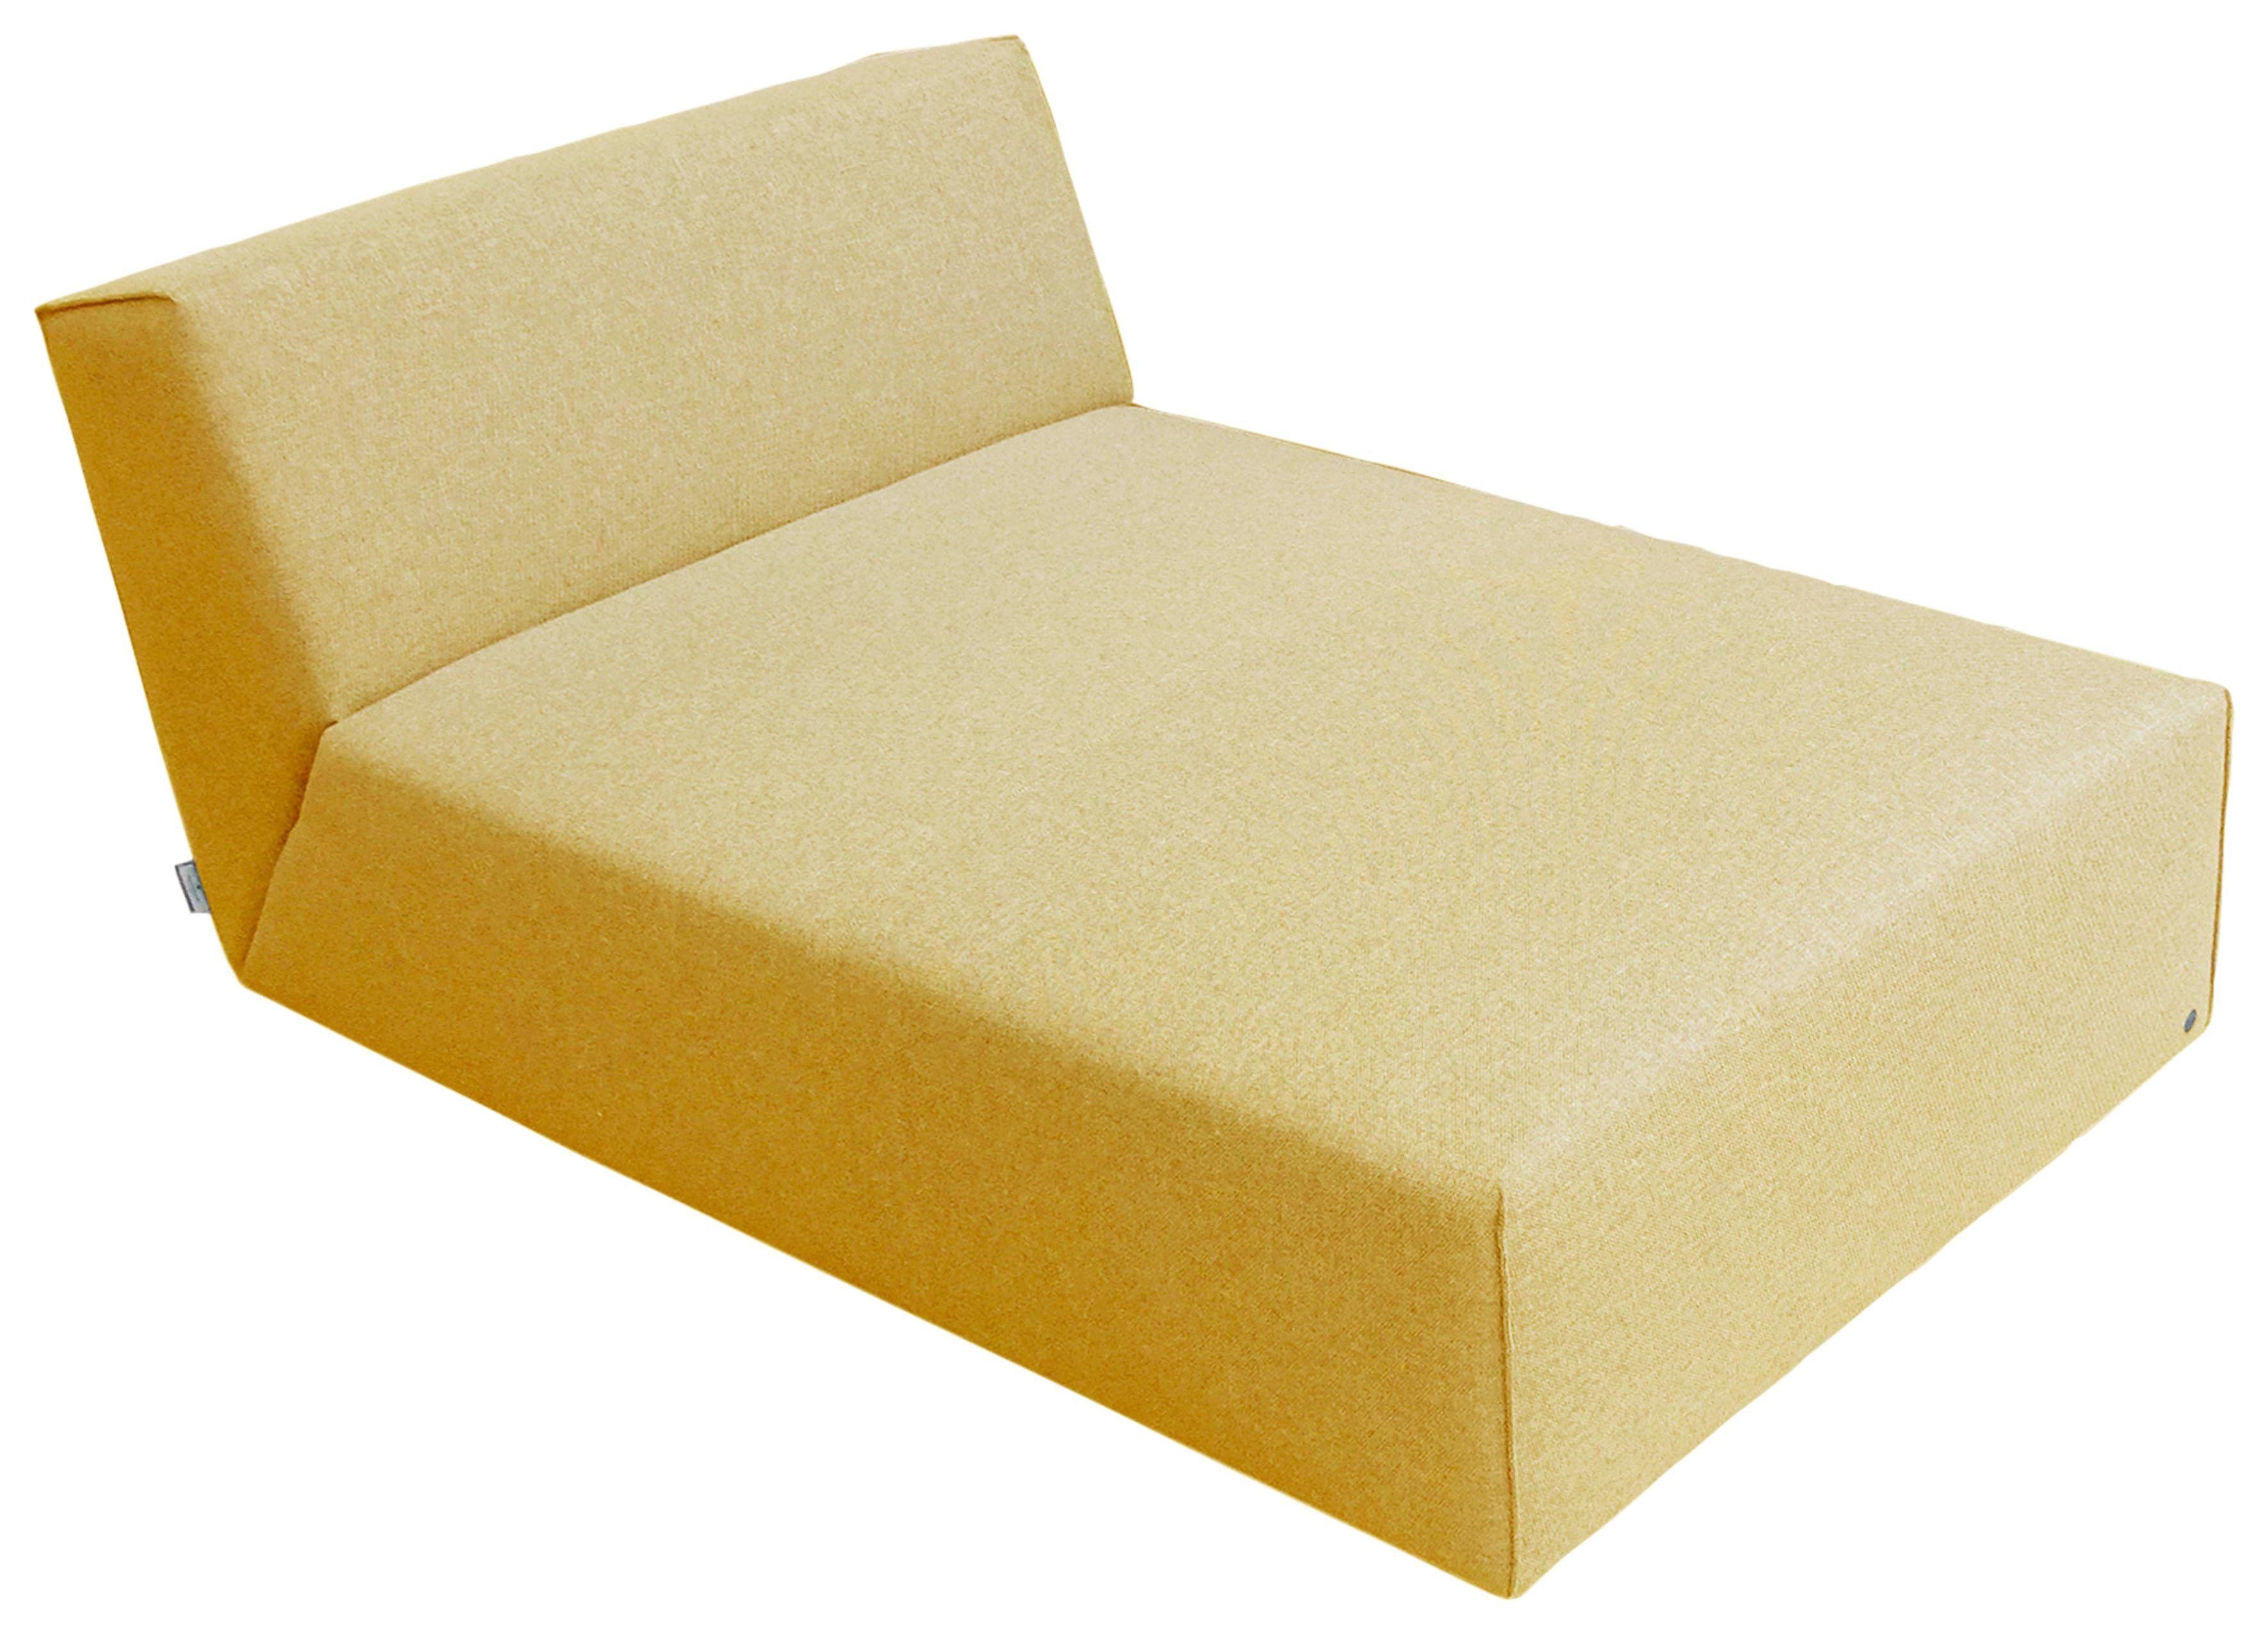 Tom Tailor Chaiselongue Elements Gelb Mit Bettfunktion Jetzt Bestellen Unter Https Moebel Ladendirekt De Wohnzimmer Sofas Recamieren Uid 3185 Chaiselongue